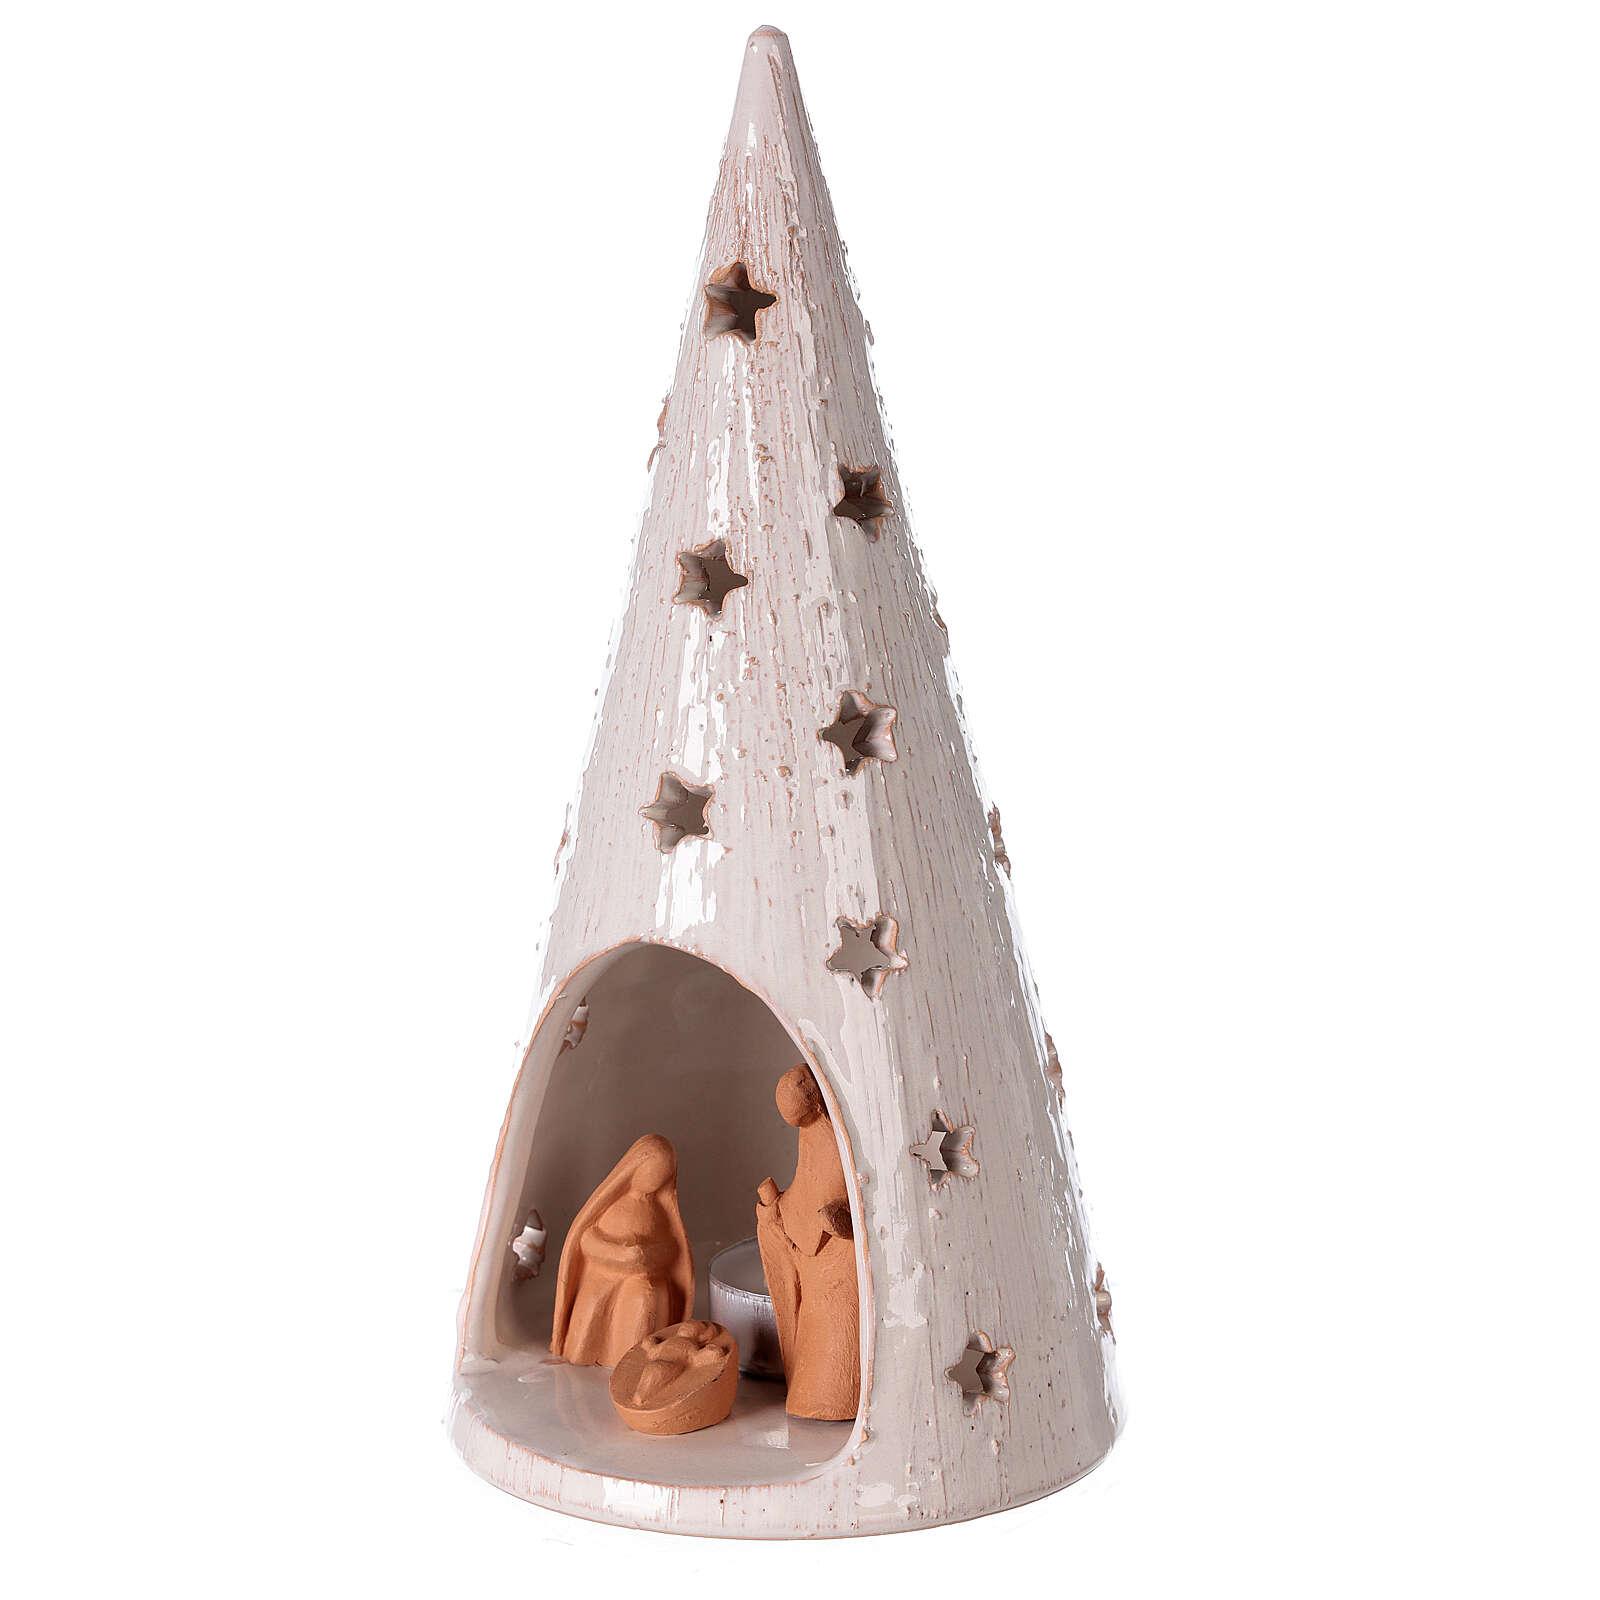 Addobbo Natale presepe lume terracotta Deruta 25 cm bicolore 4